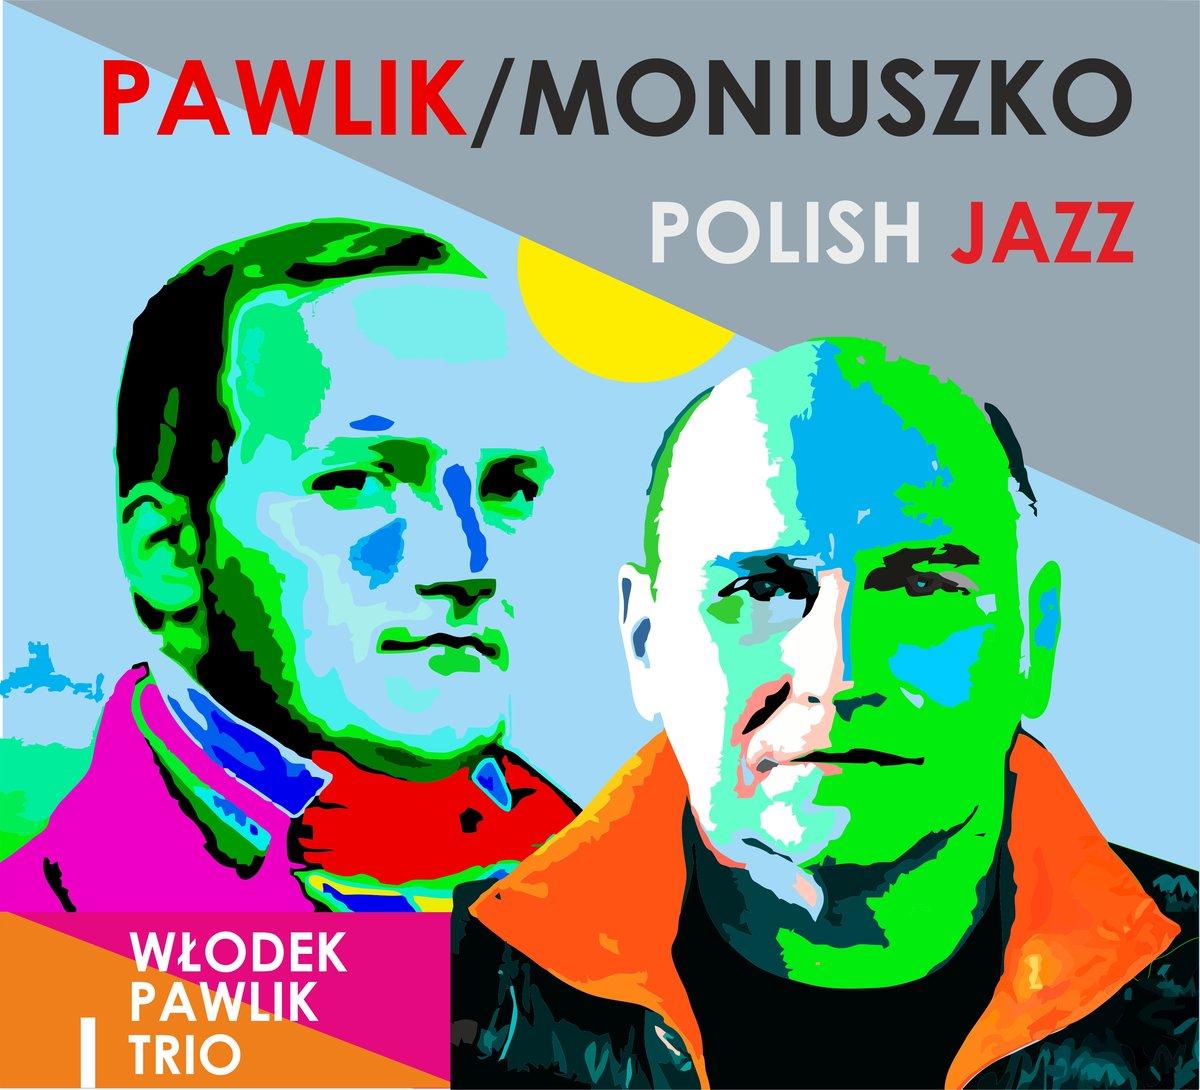 Pawlik Włodek Trio – Pawlik Moniuszko